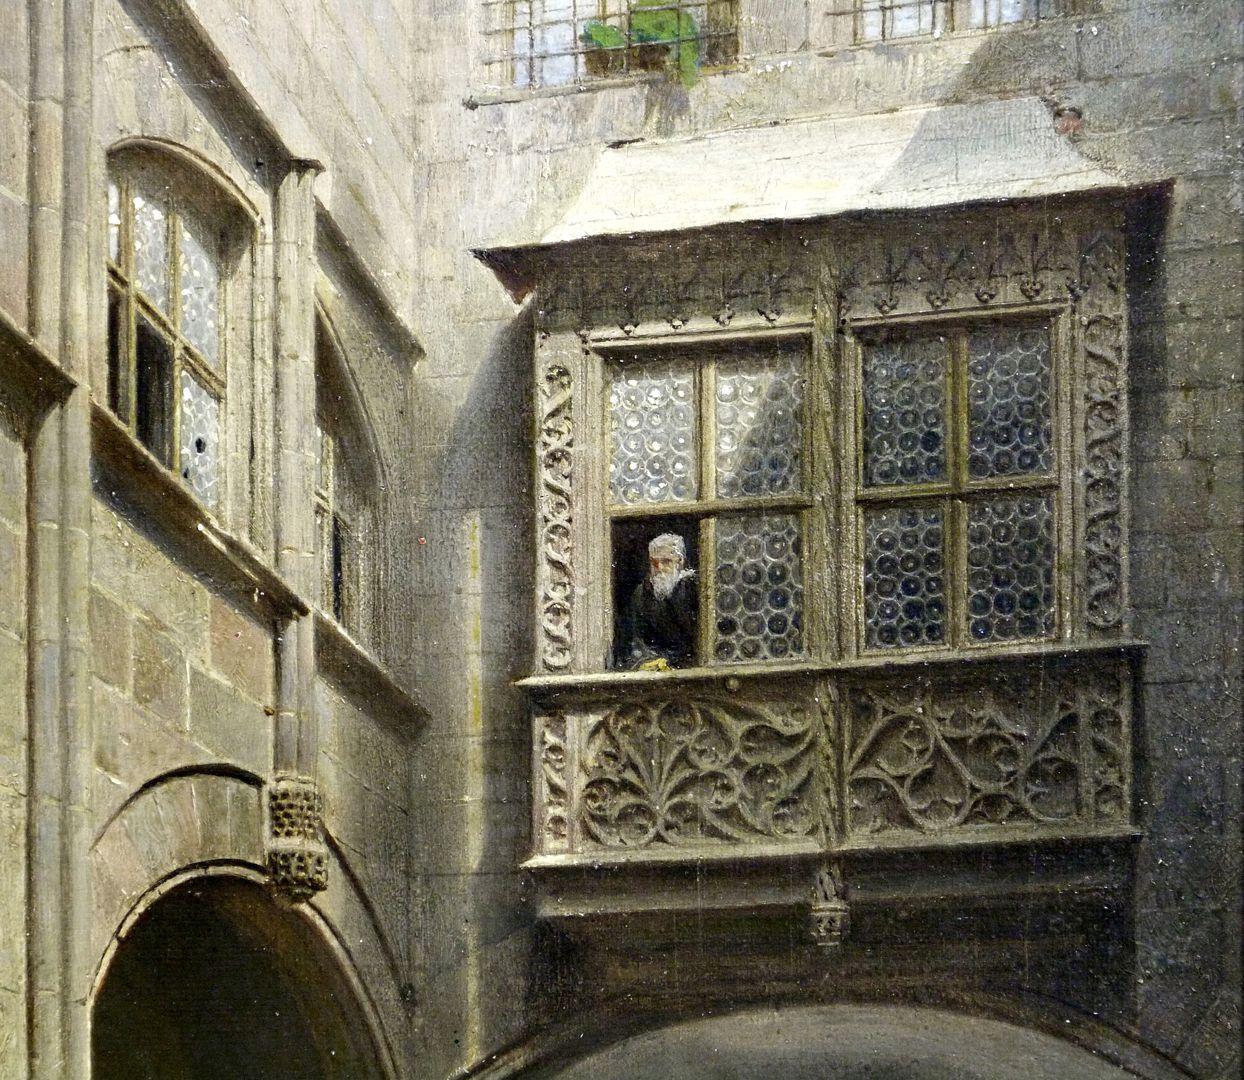 Der kleine Rathaushof in Nürnberg obere Bildhälfte